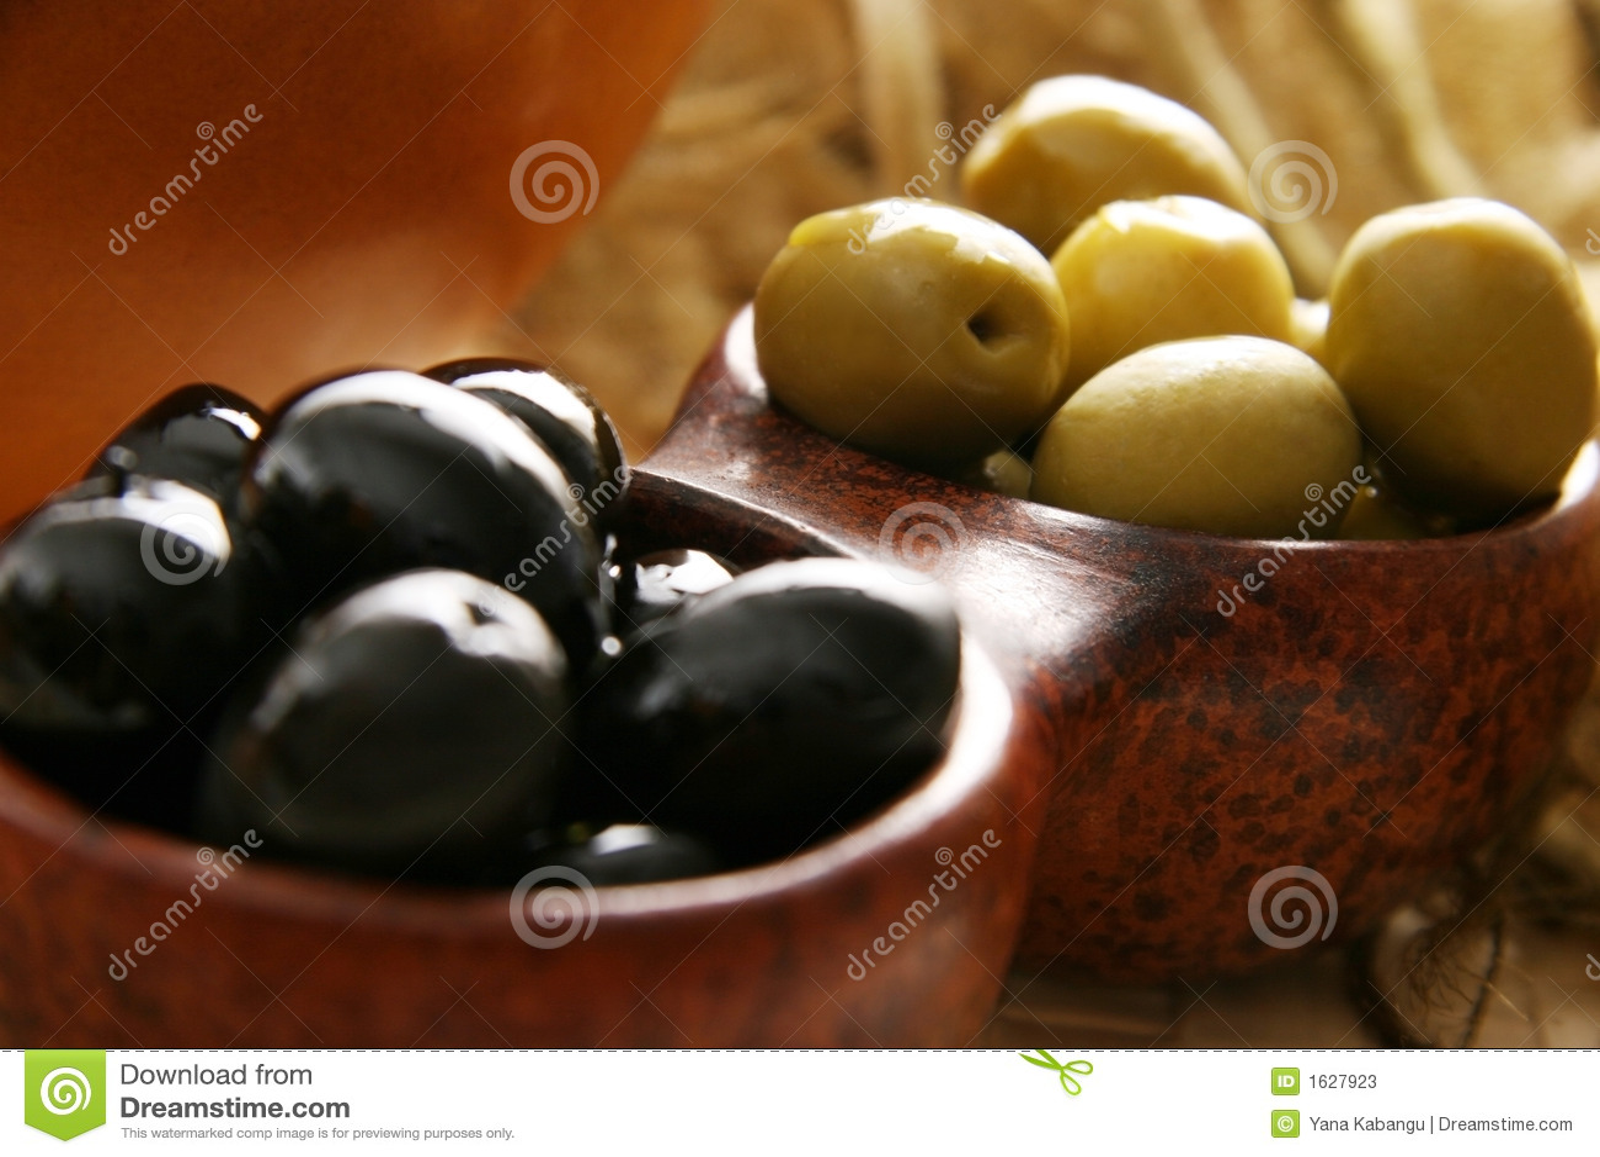 Оливки или маслины в чём разница и польза? Разновидности 28